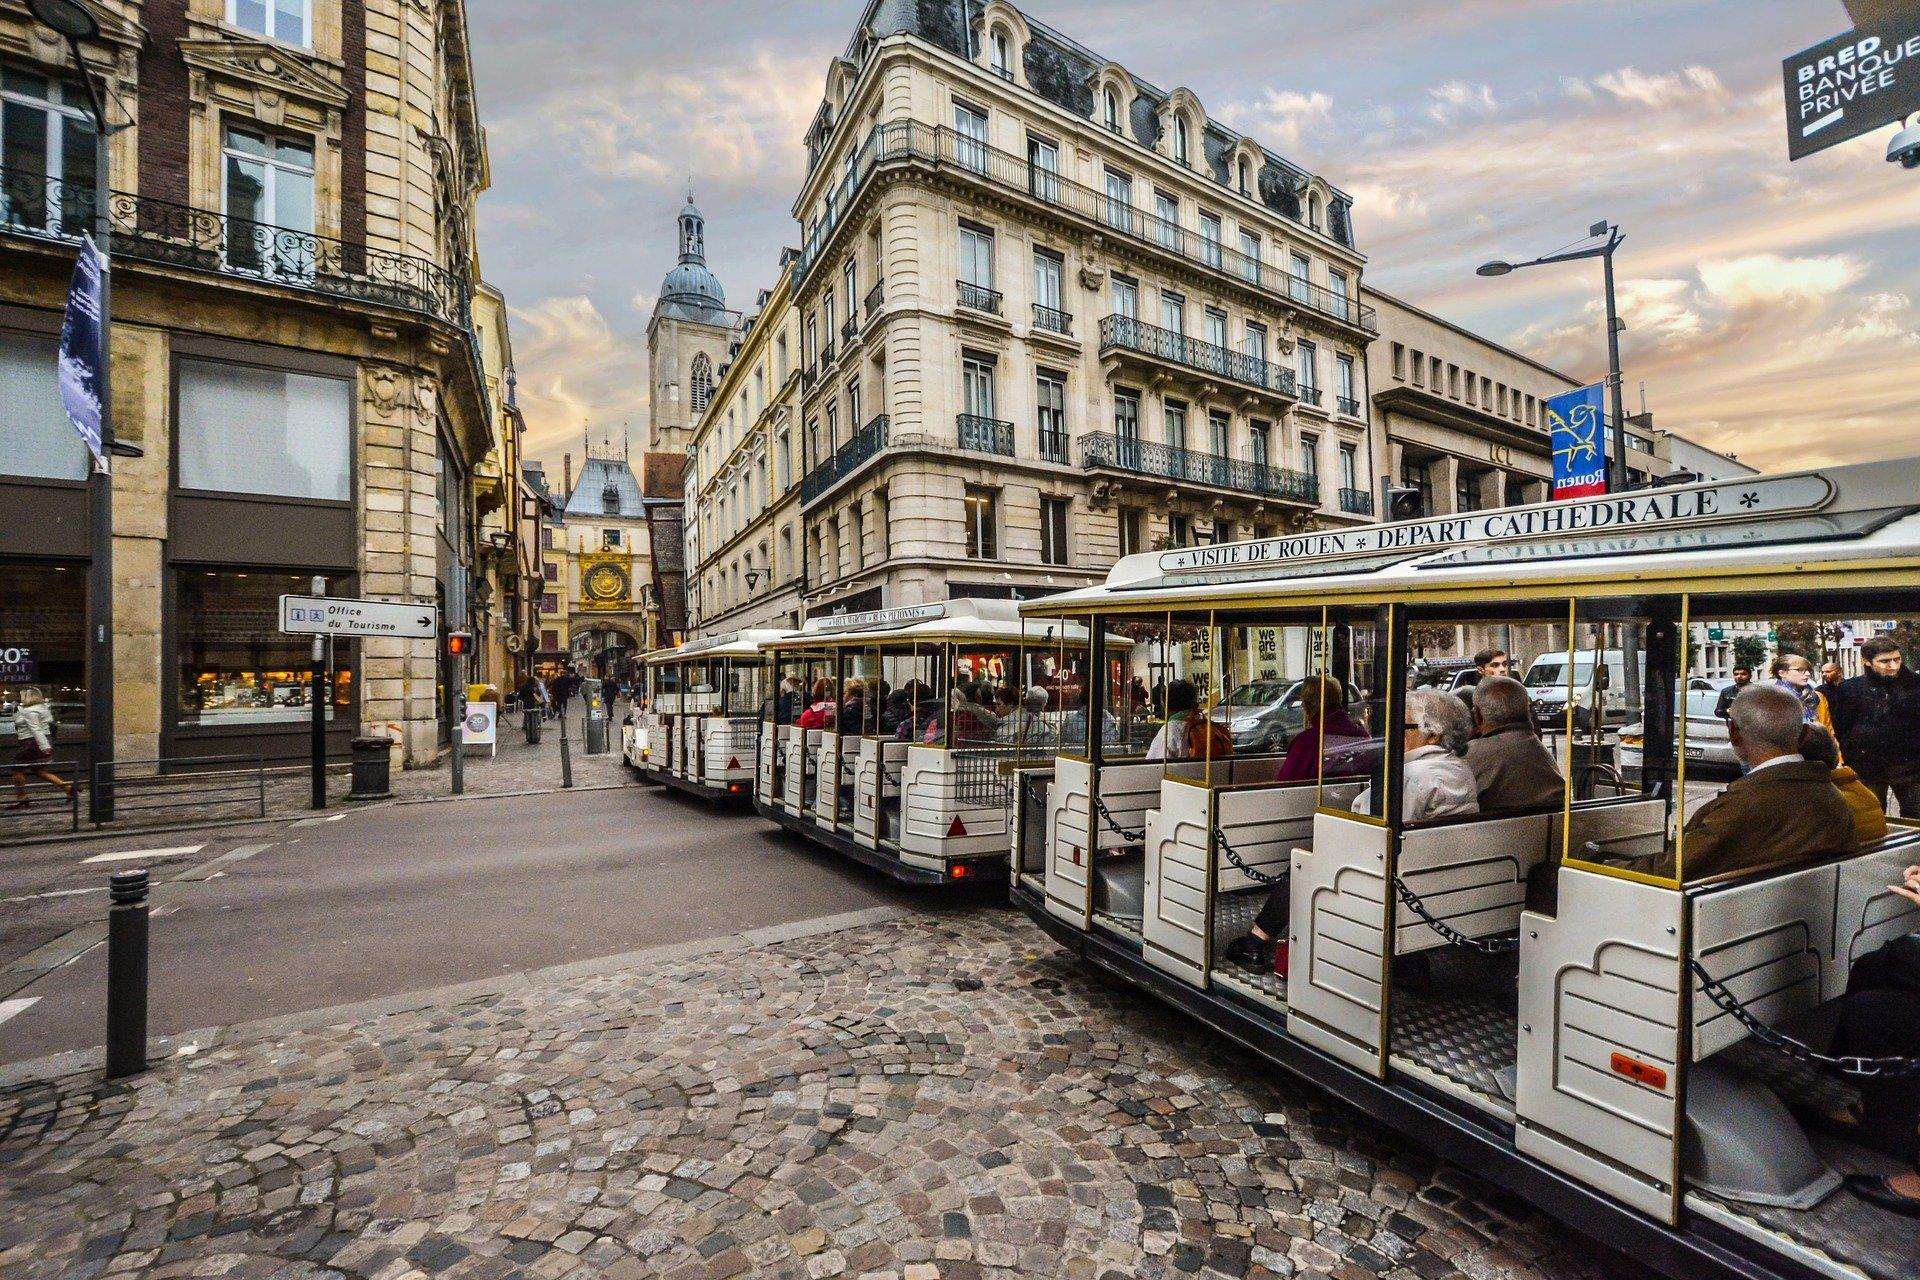 Rouen : Sixième ville de France où la voiture est la moins utilisée